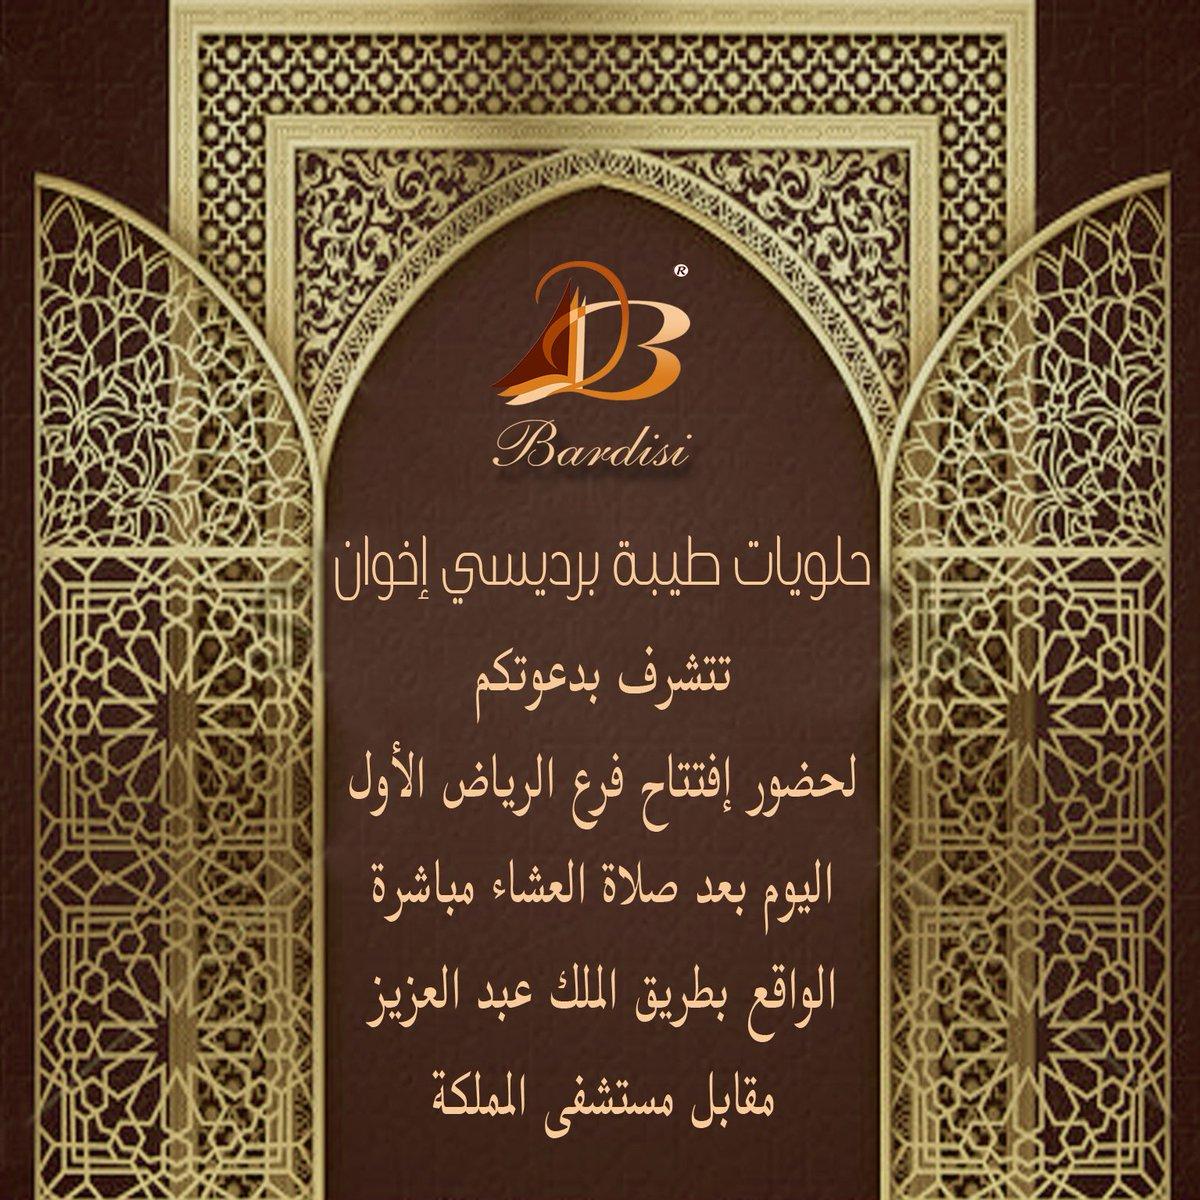 حلويات طيبة برديسي A Twitteren حلويات طيبة برديسي بيتيفور الرياض